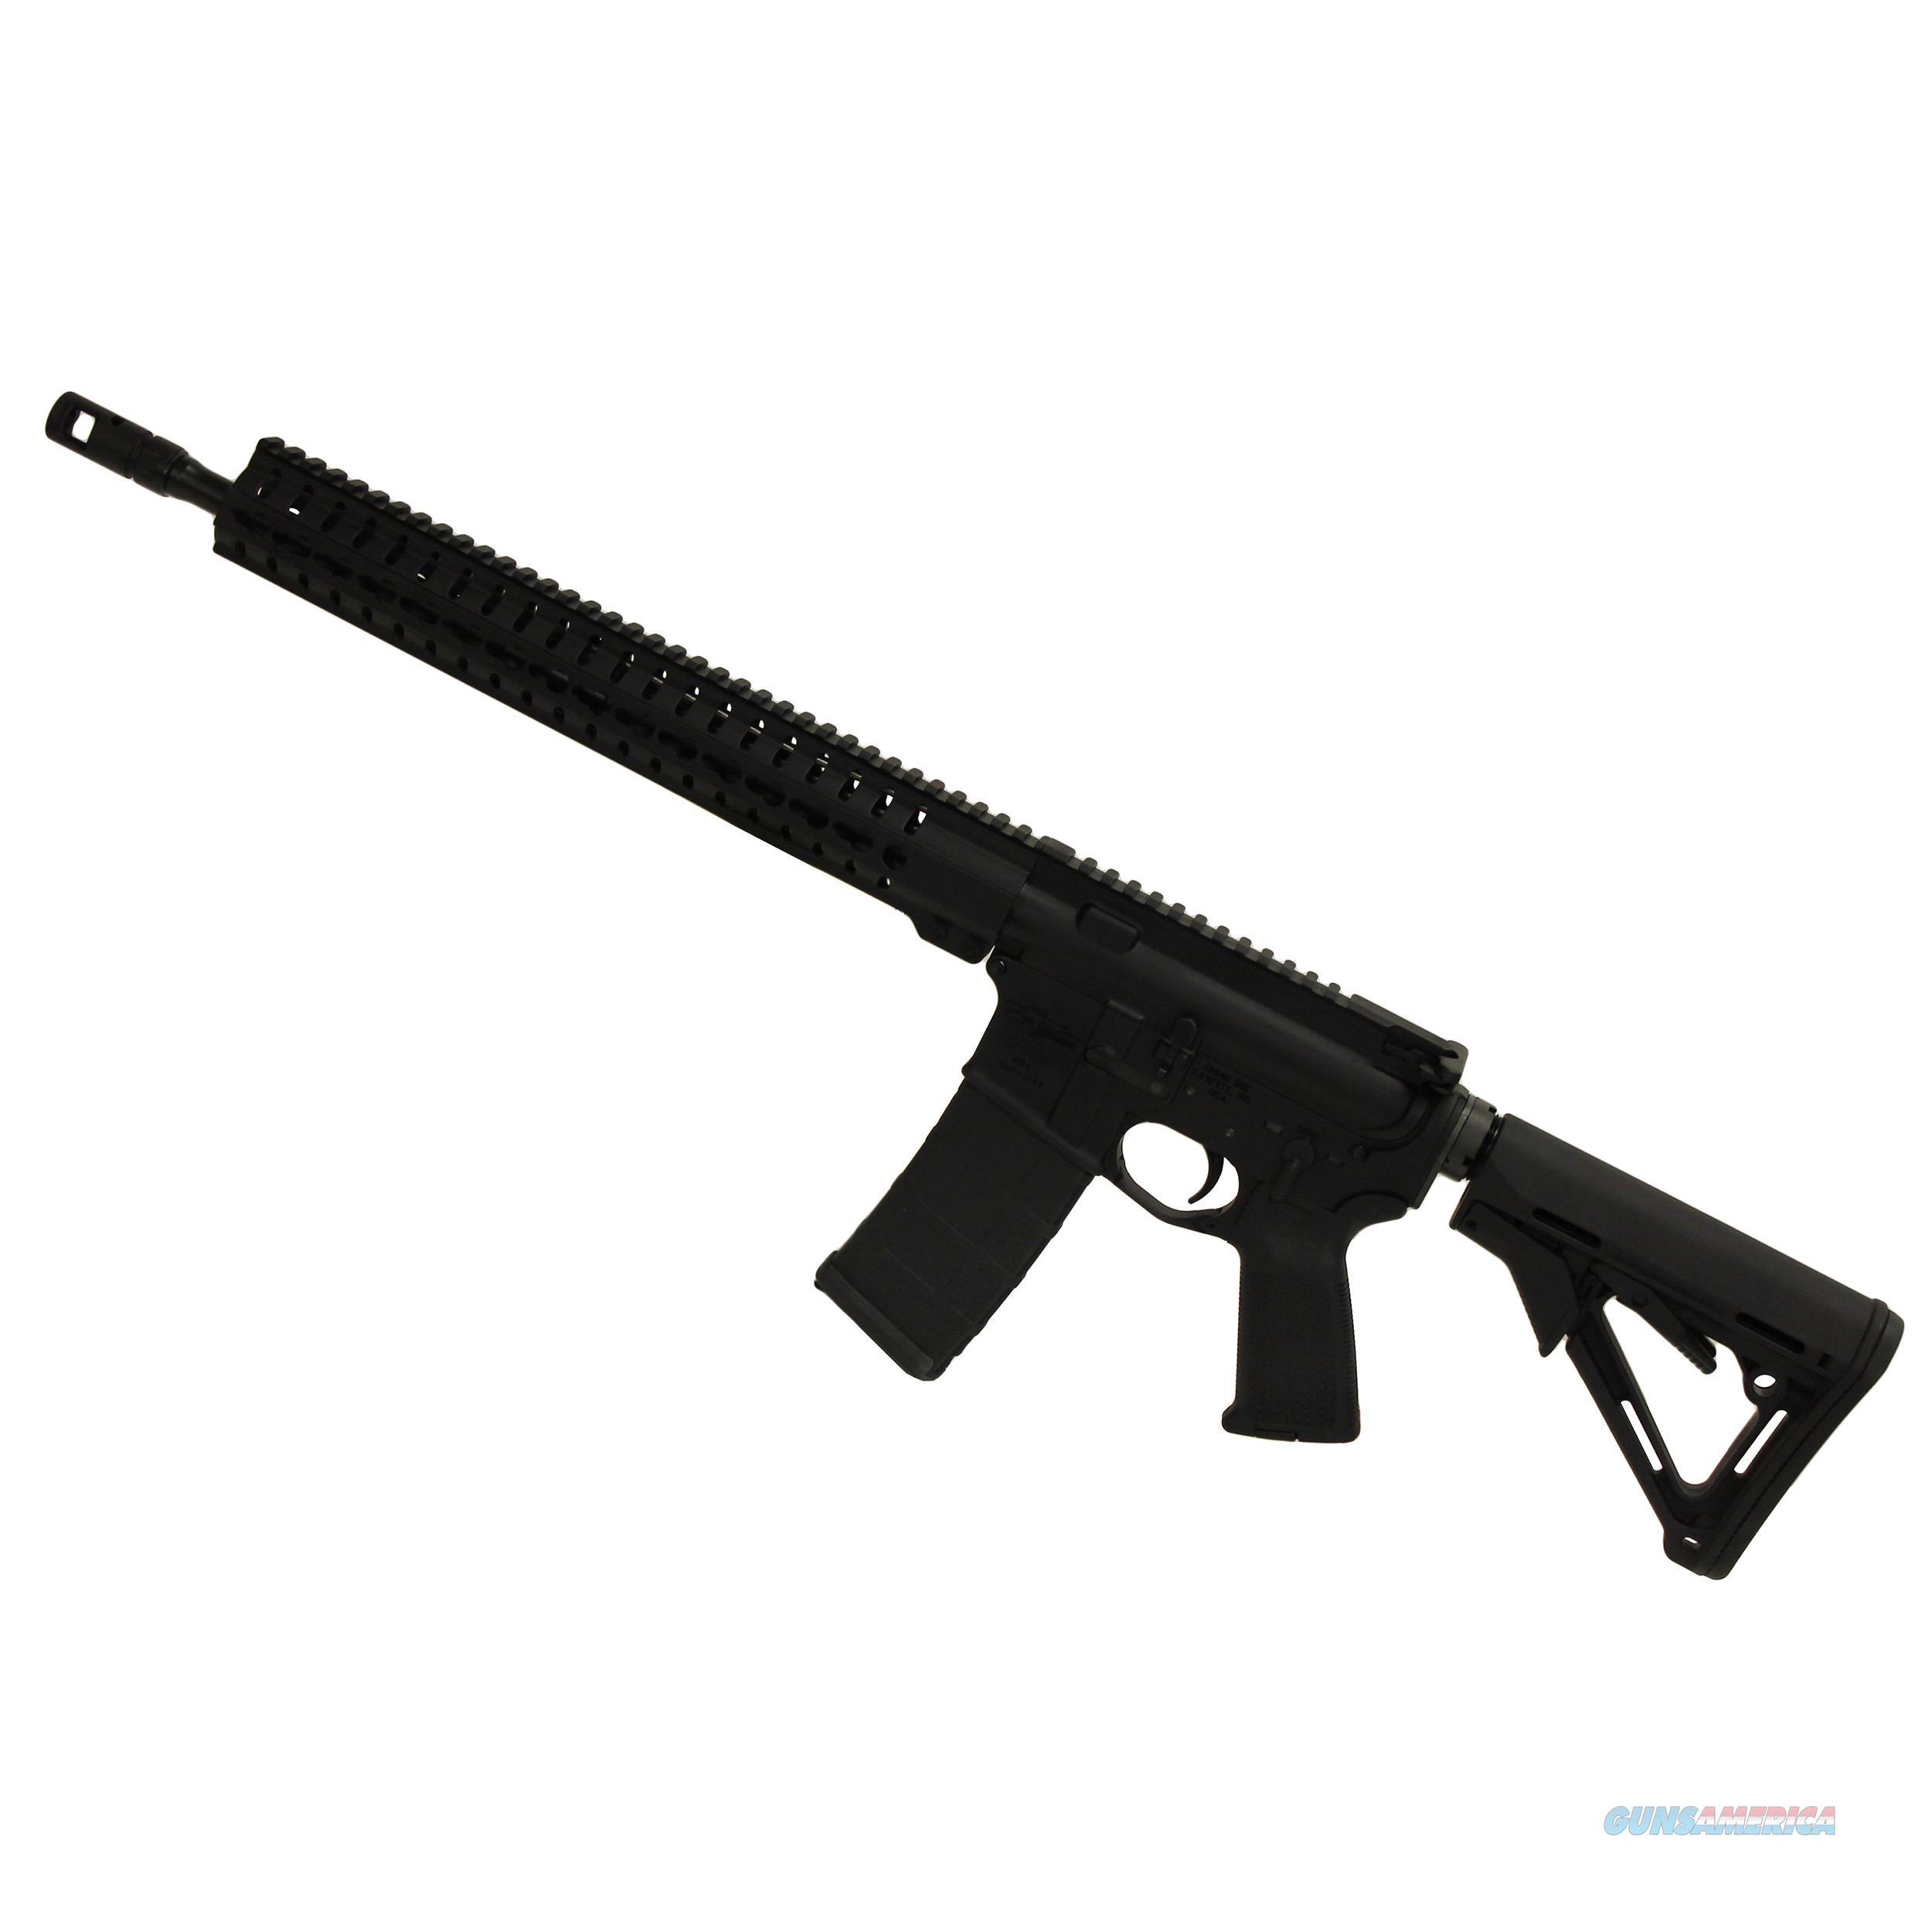 Cmmg Mk4 Rce 4140Cm Rifle 30A129D  Guns > Rifles > C Misc Rifles